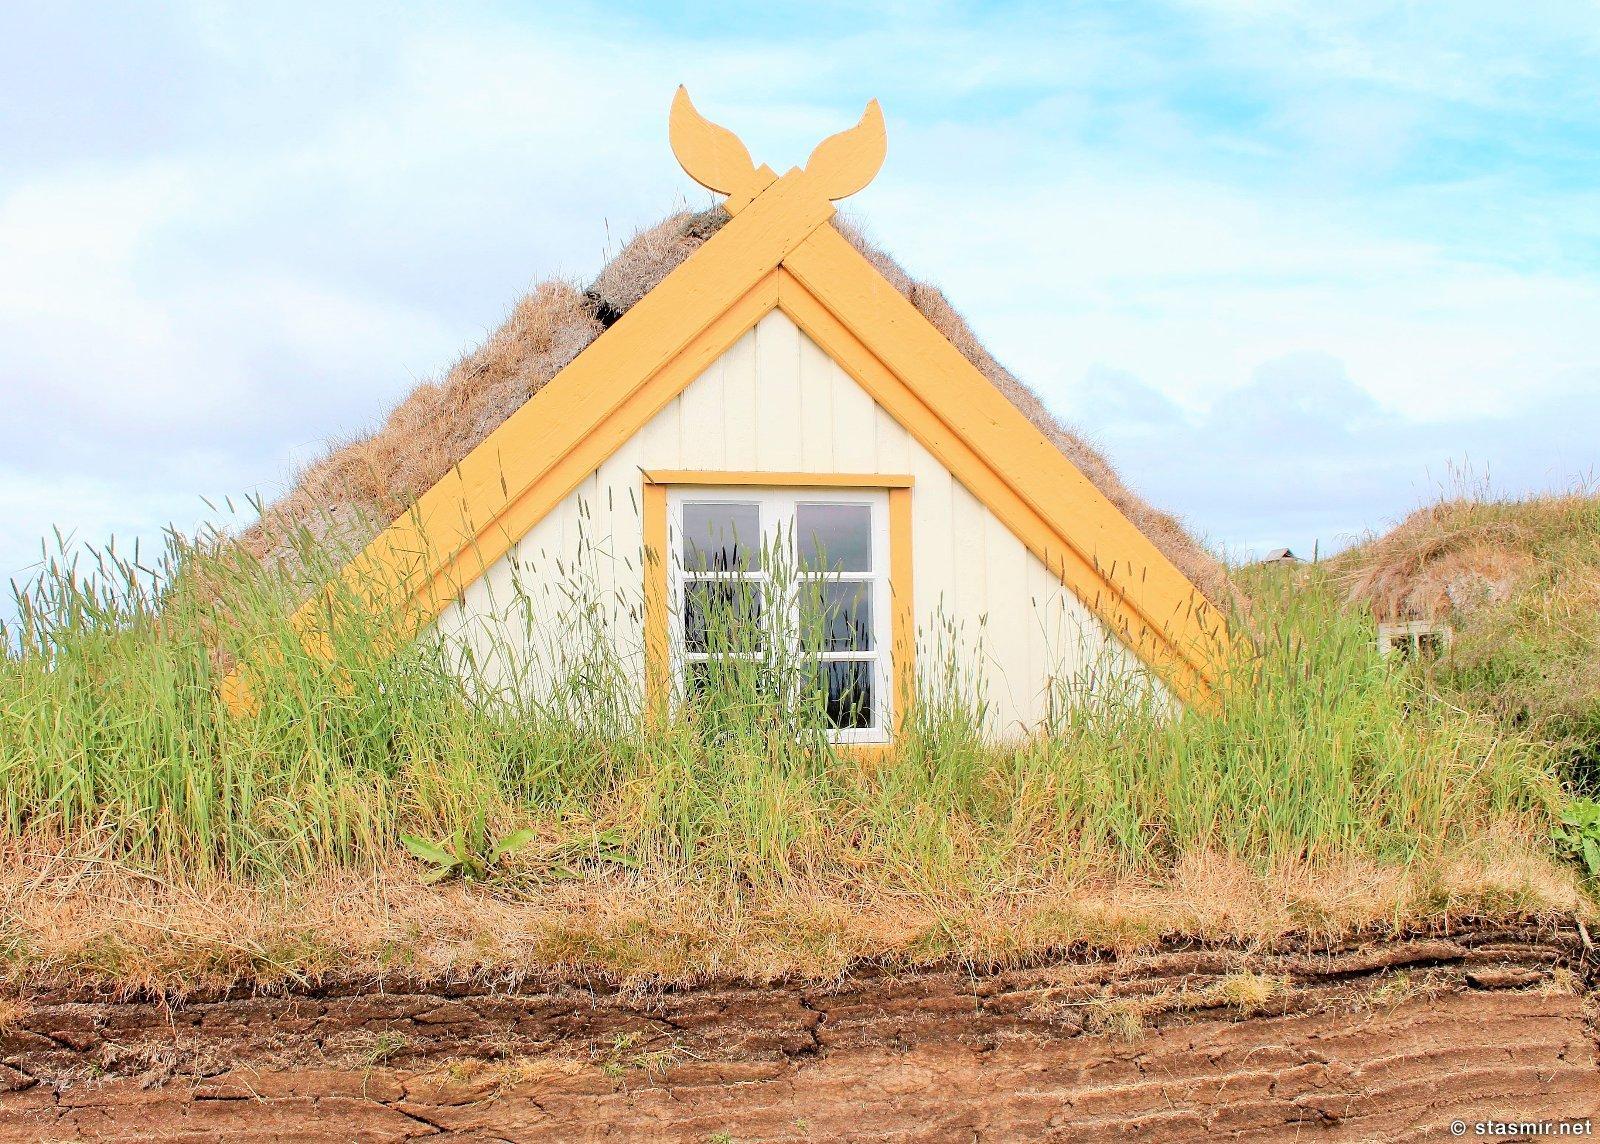 Glaumbær или Глёймбаер - музей землянок на Севере Исландии, фото Стасмир, Photo Stasmir